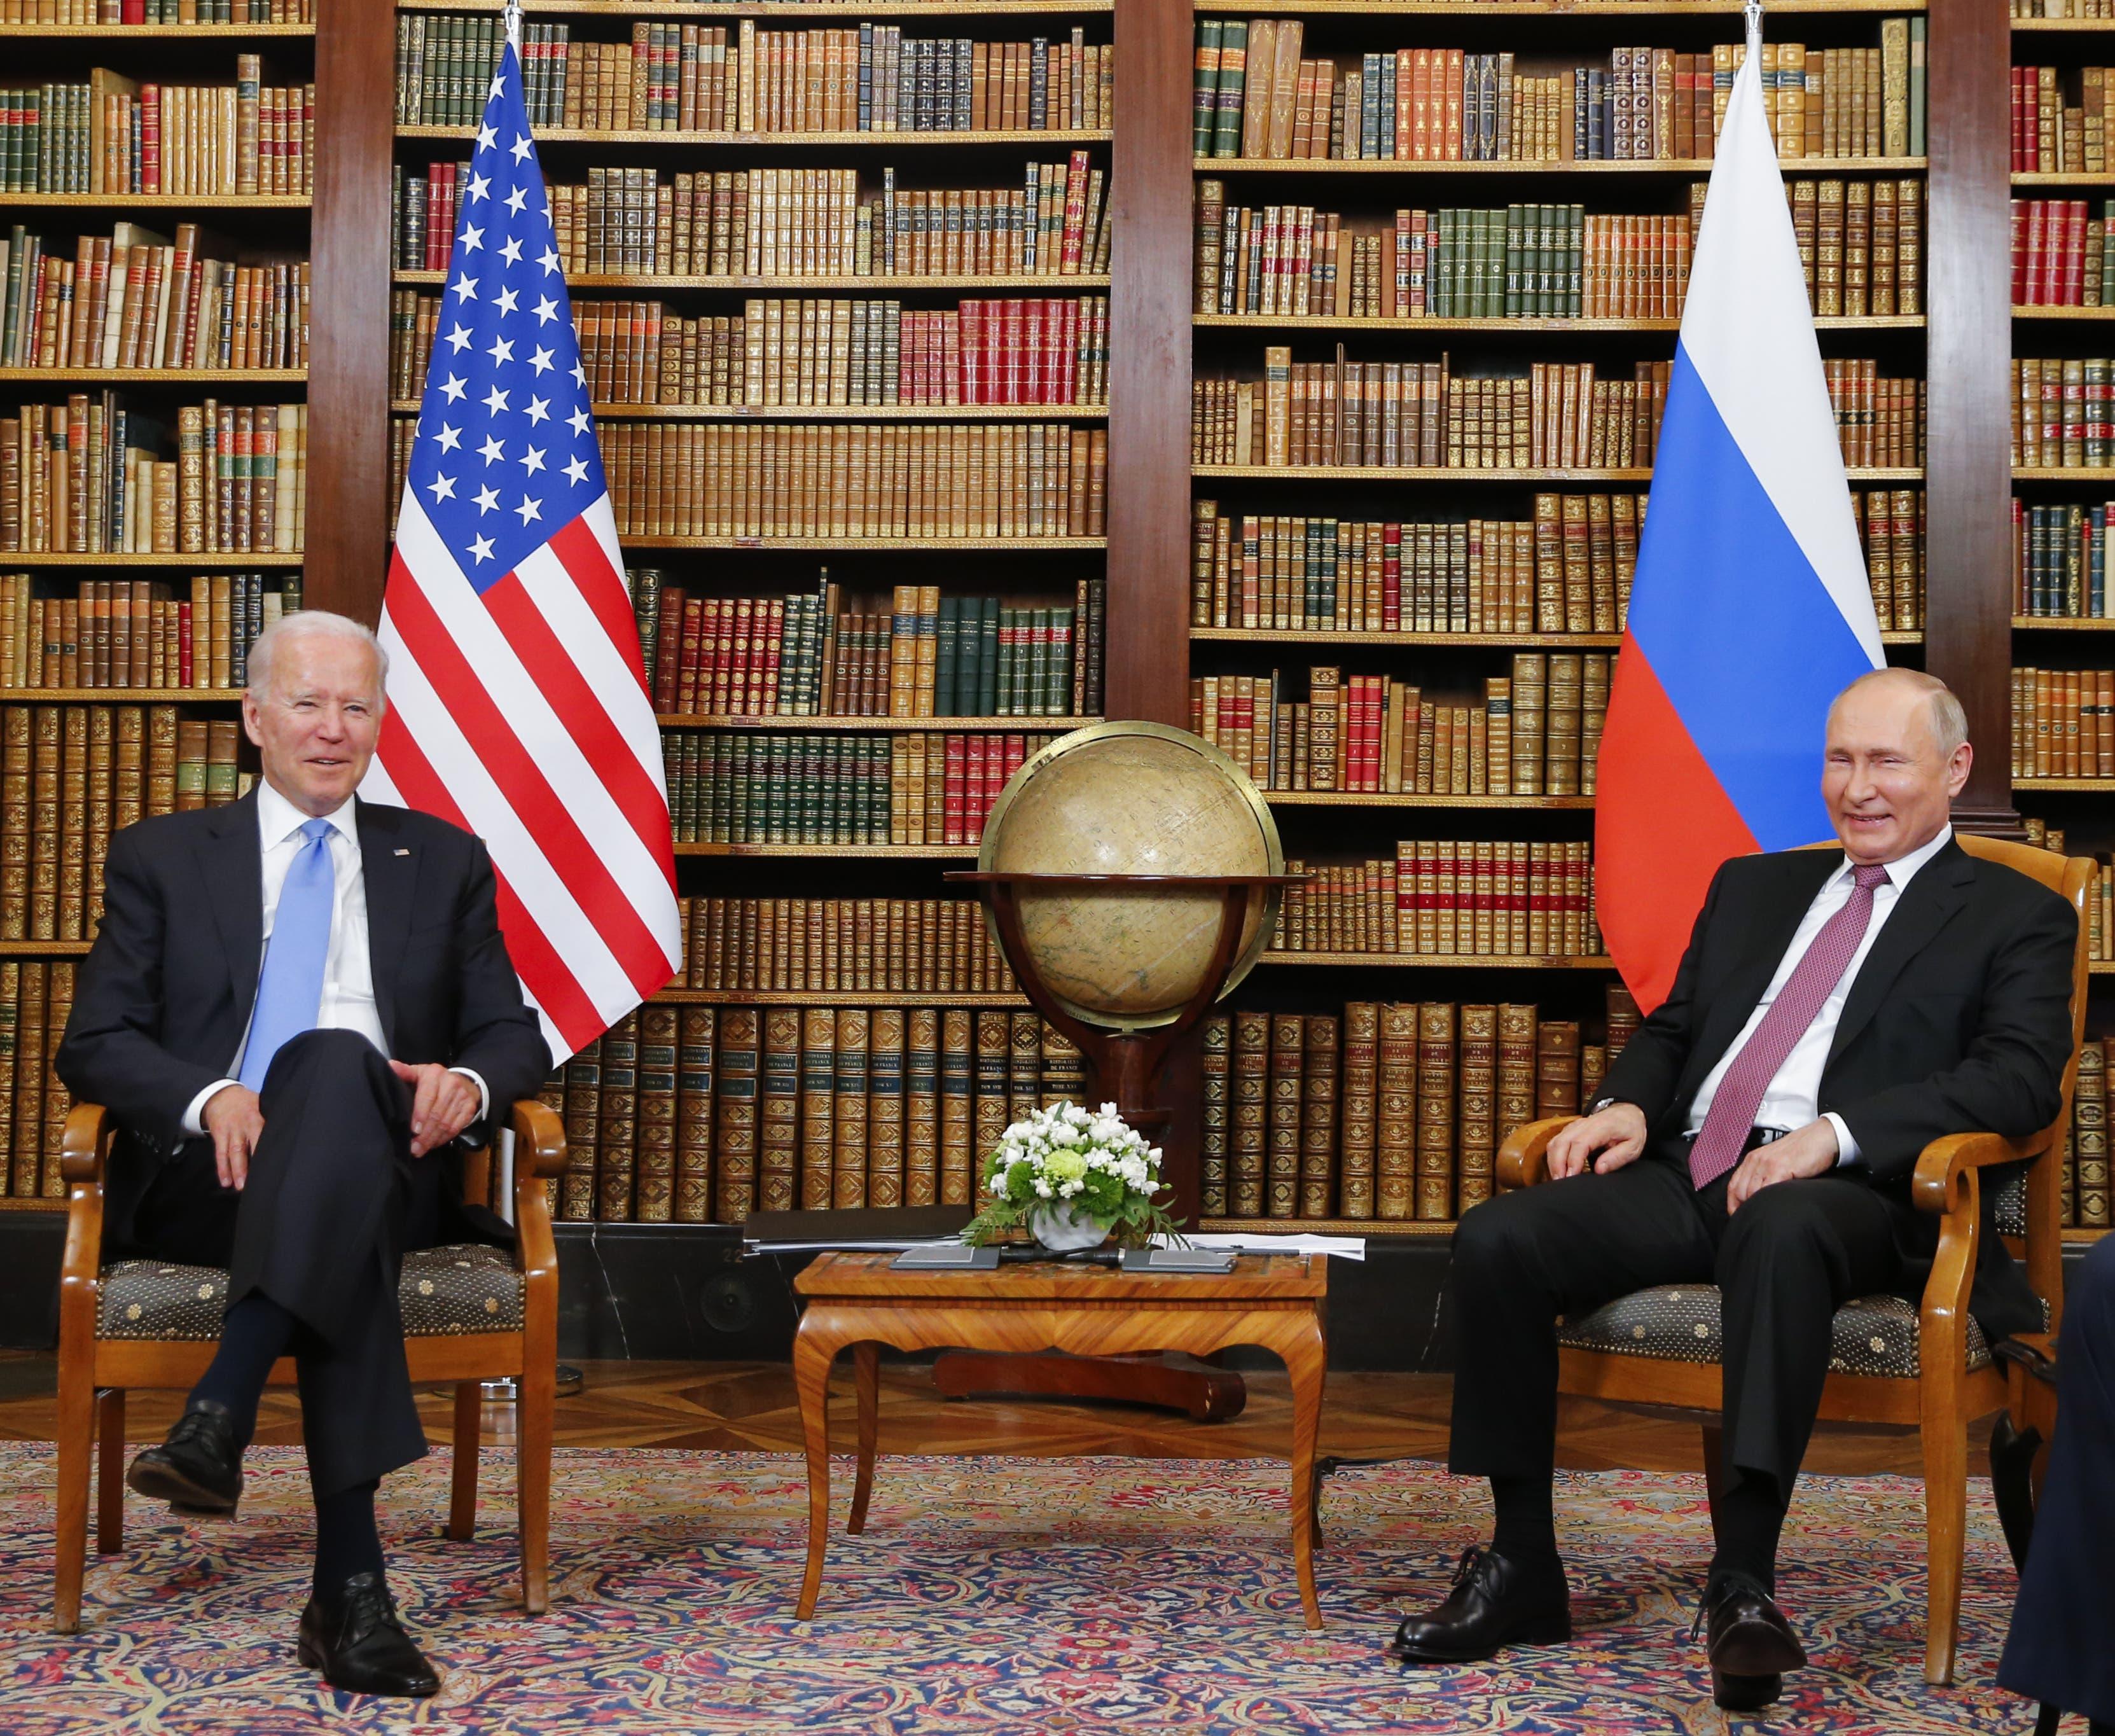 13.42 Uhr: Fototermin Die zwei Staatsmänner stellen sich zuerst den Fotografen.